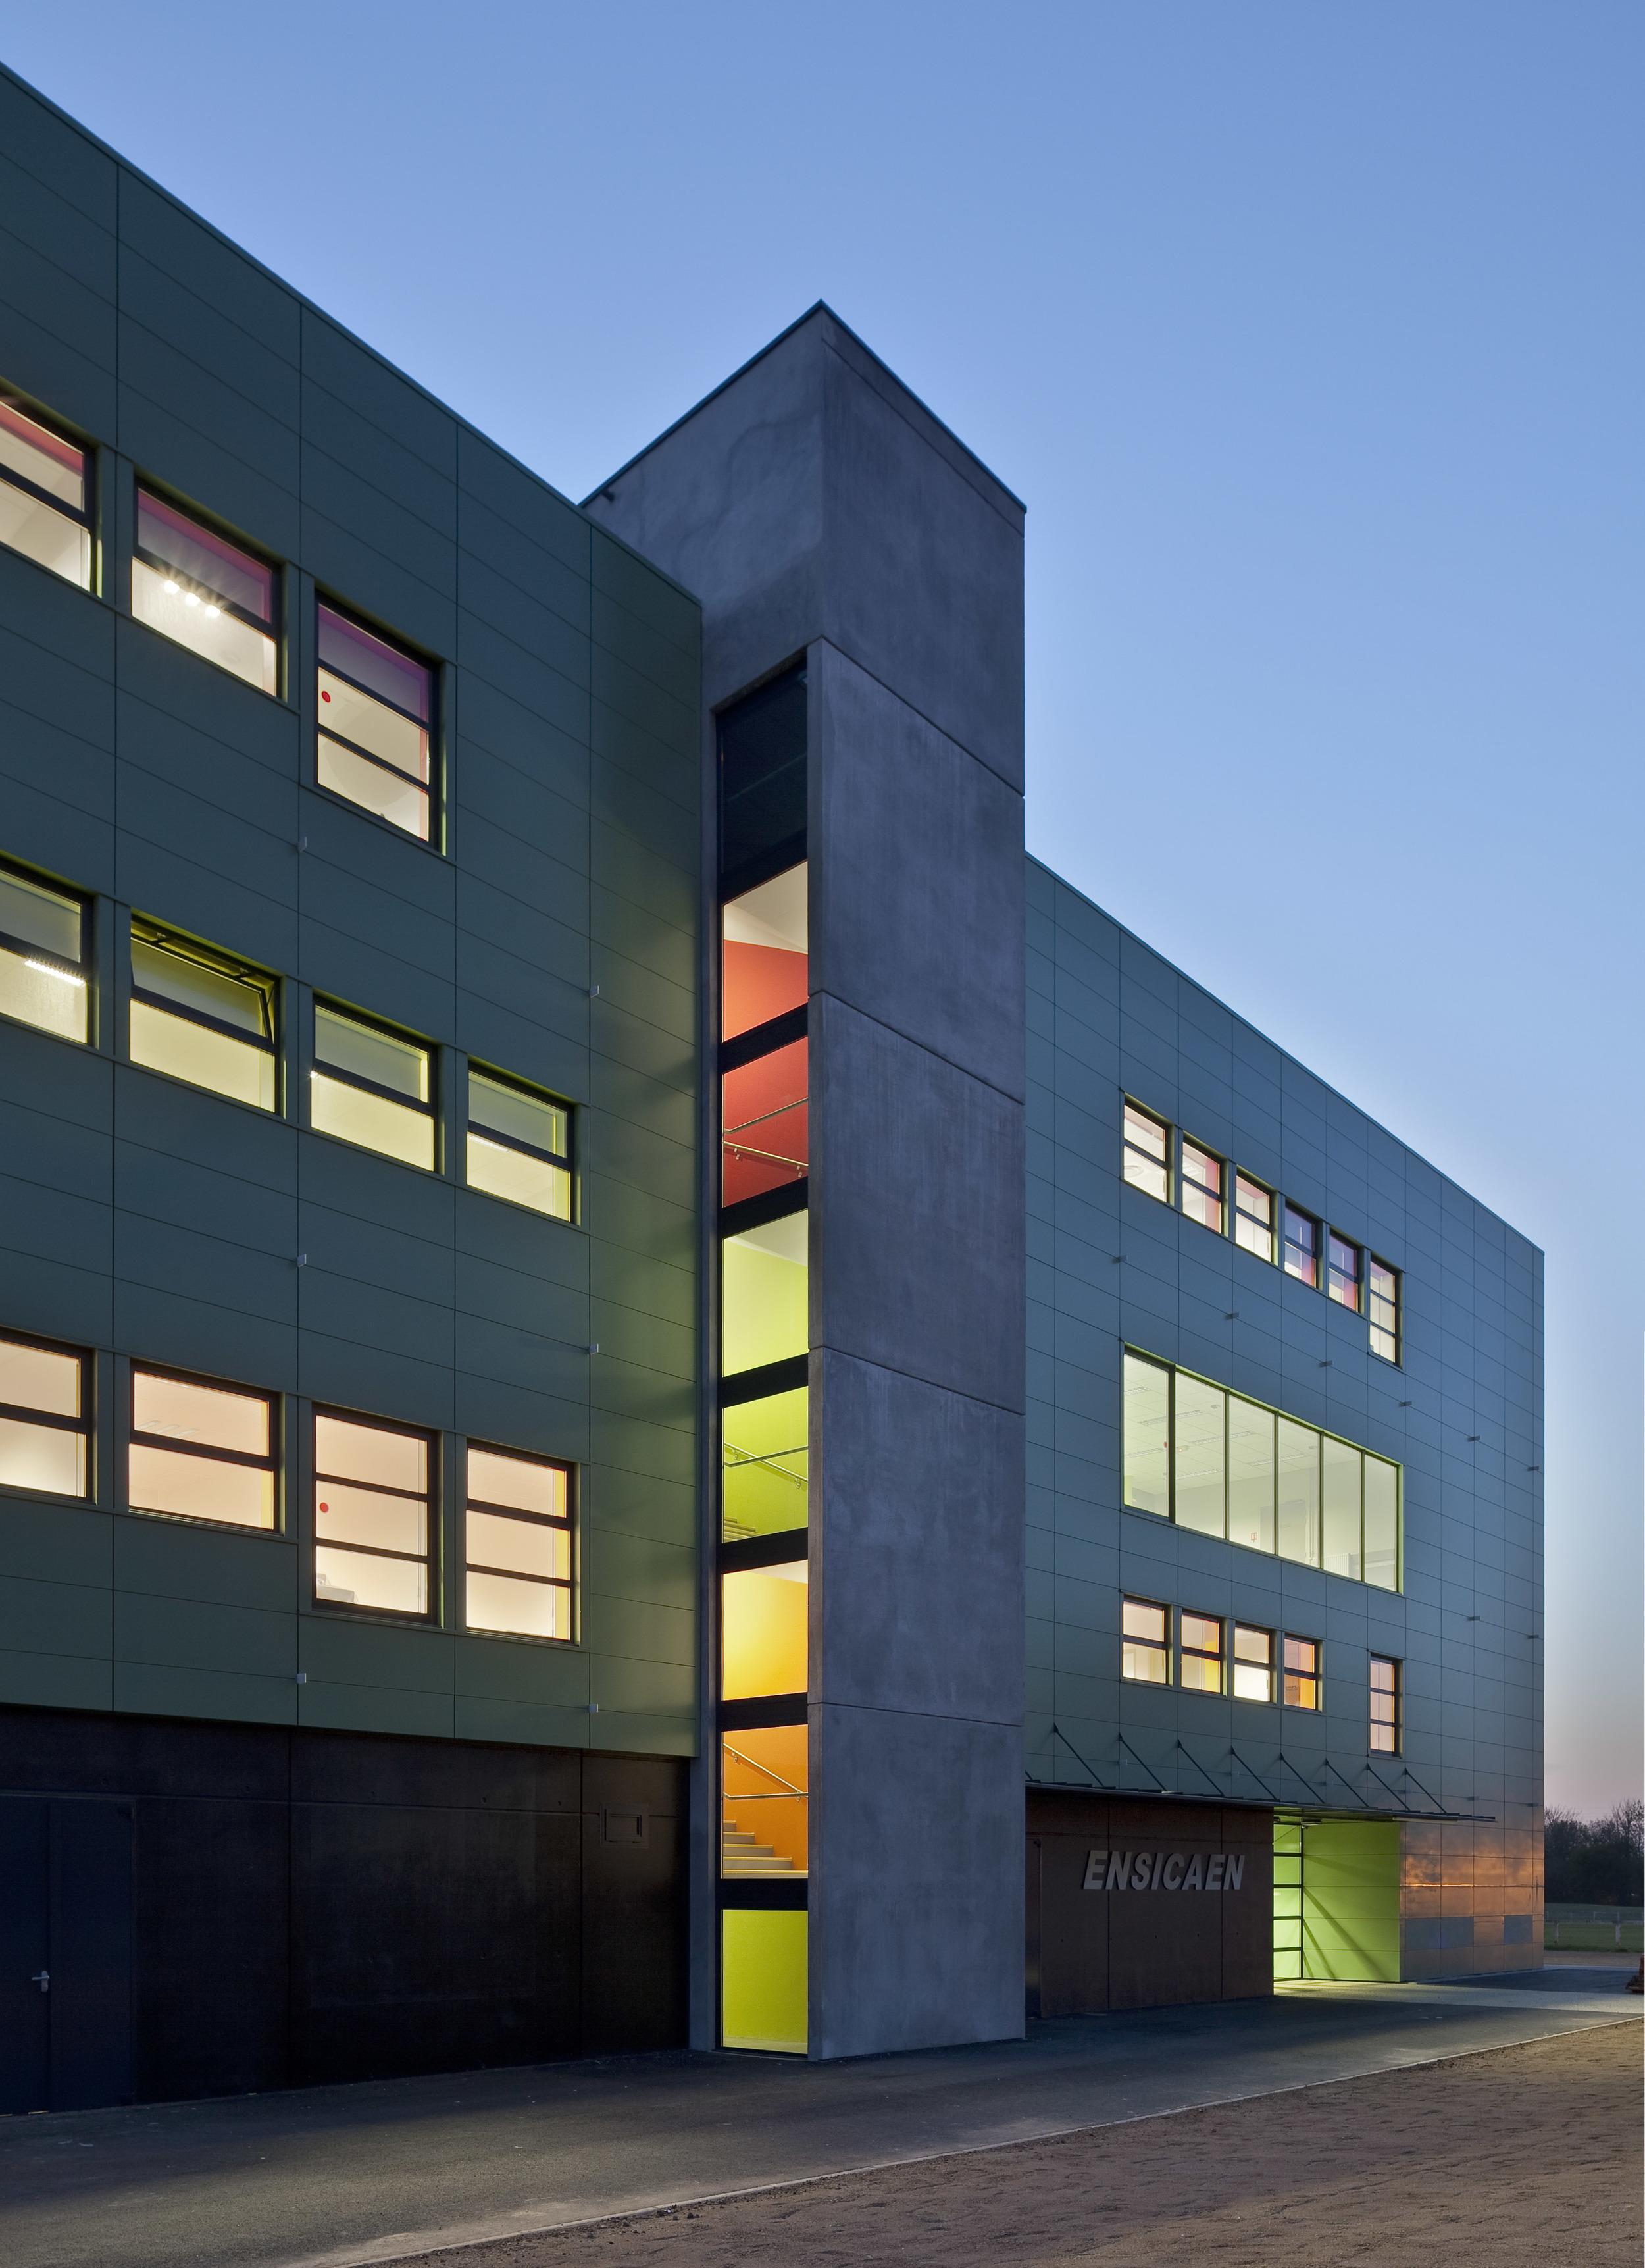 Caen - EnsiCaen - Ecole d'ingénieur